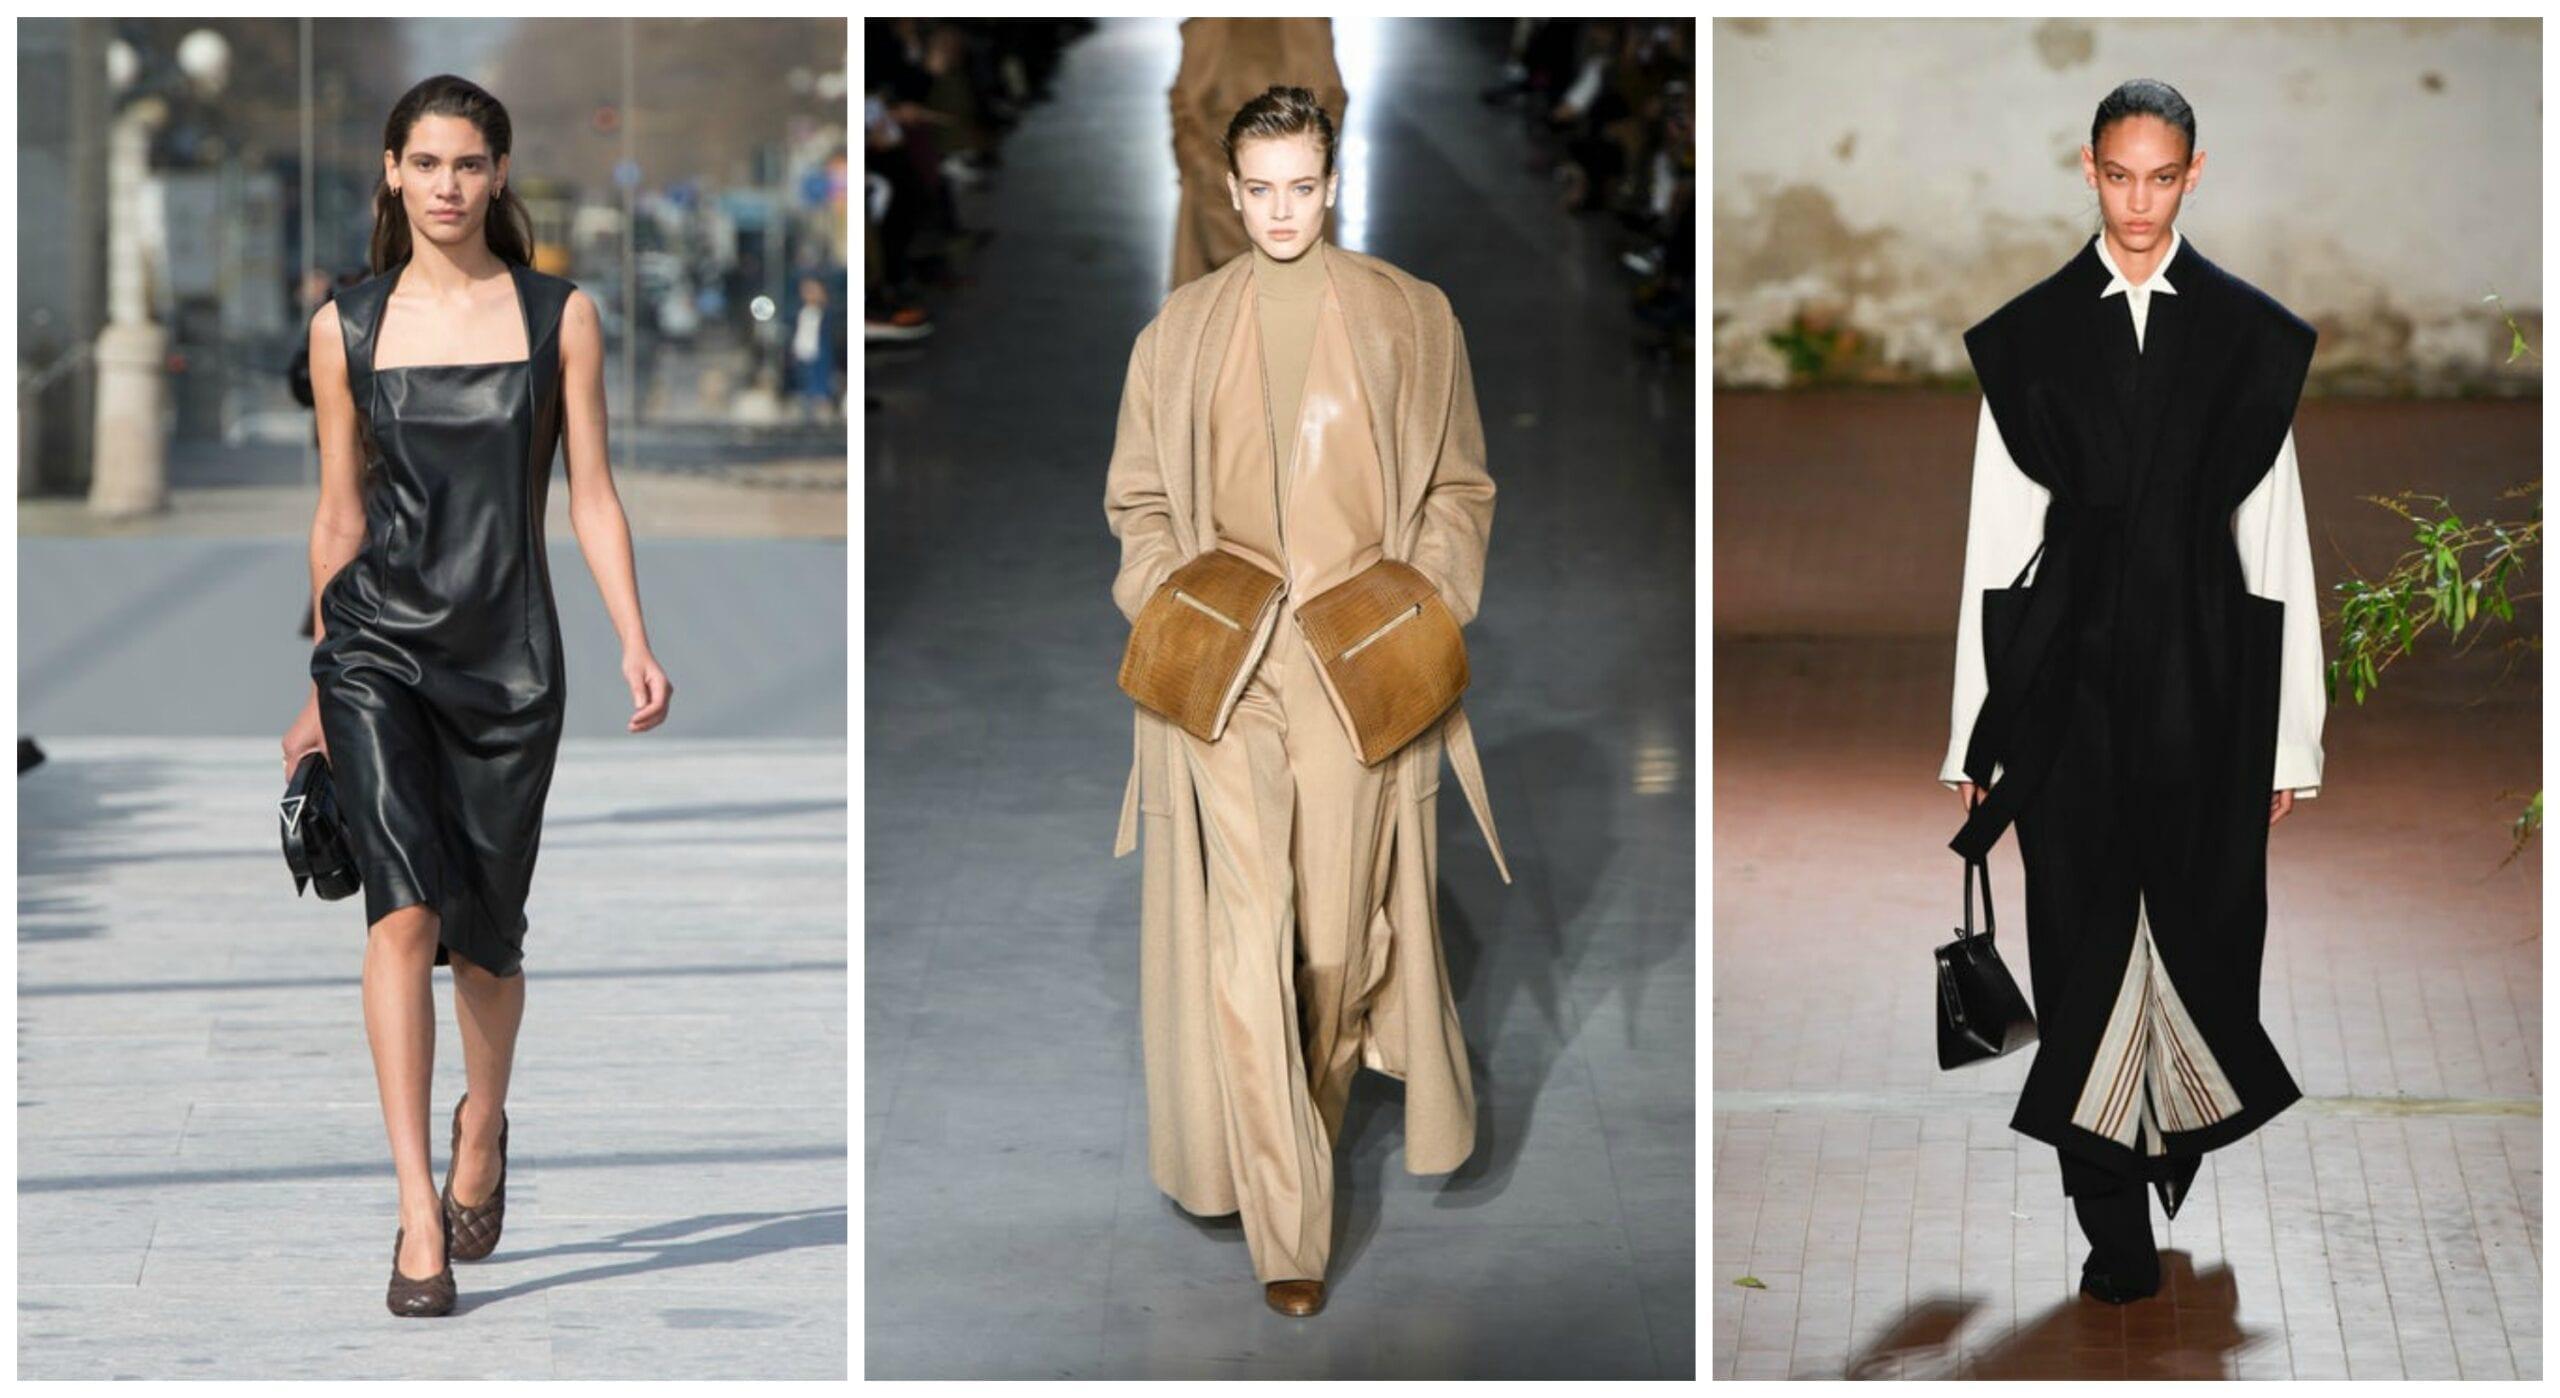 Moda Autunno Inverno 2019, elisa bellino, fashion blogger italia 2019